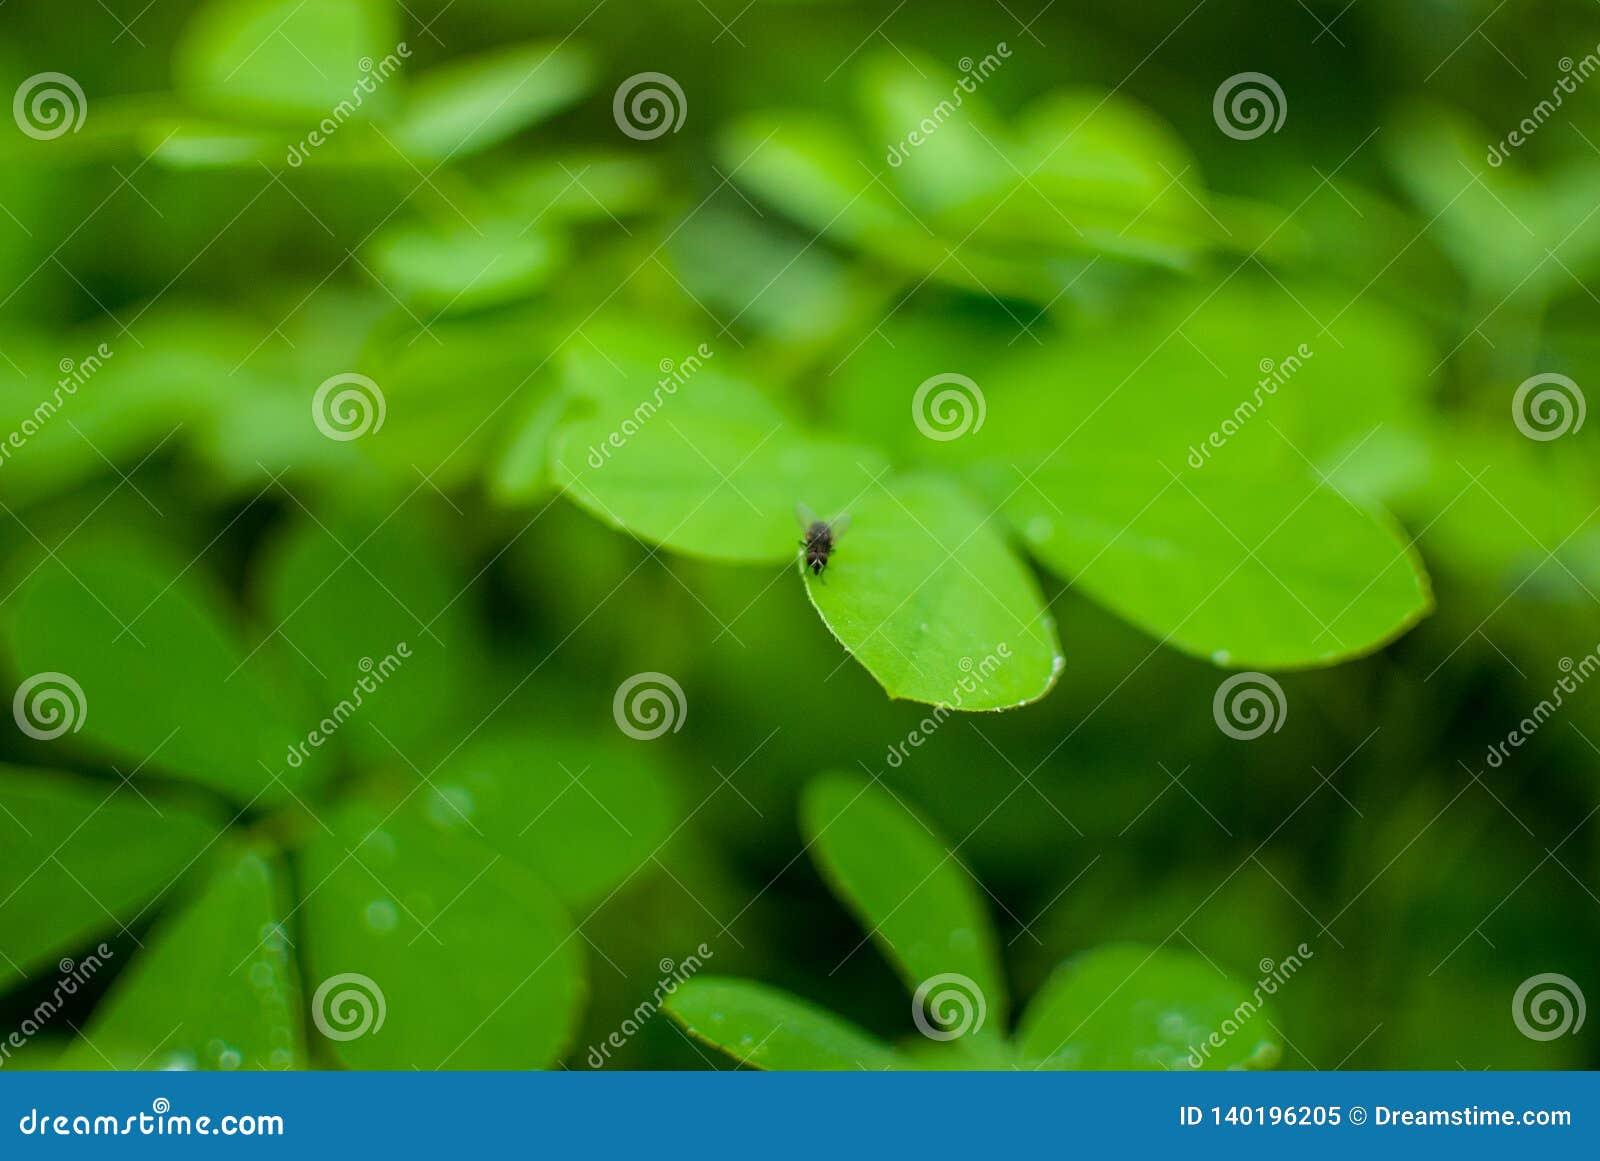 Eine Stubenfliege auf dem Dschungel allein